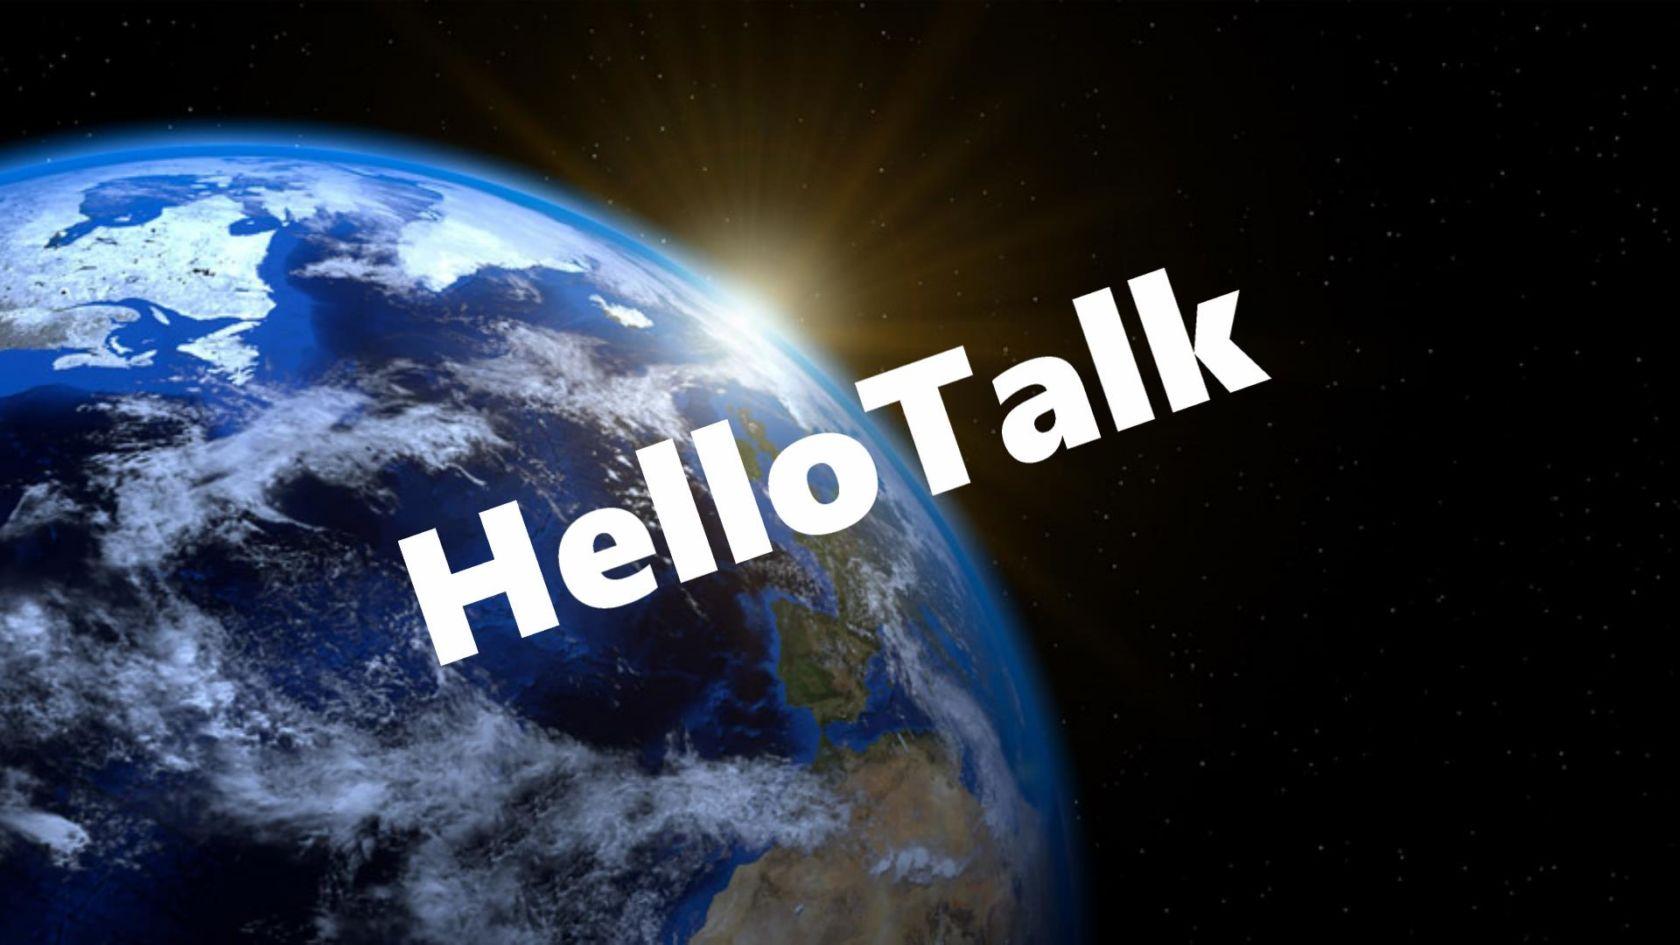 HelloTalk